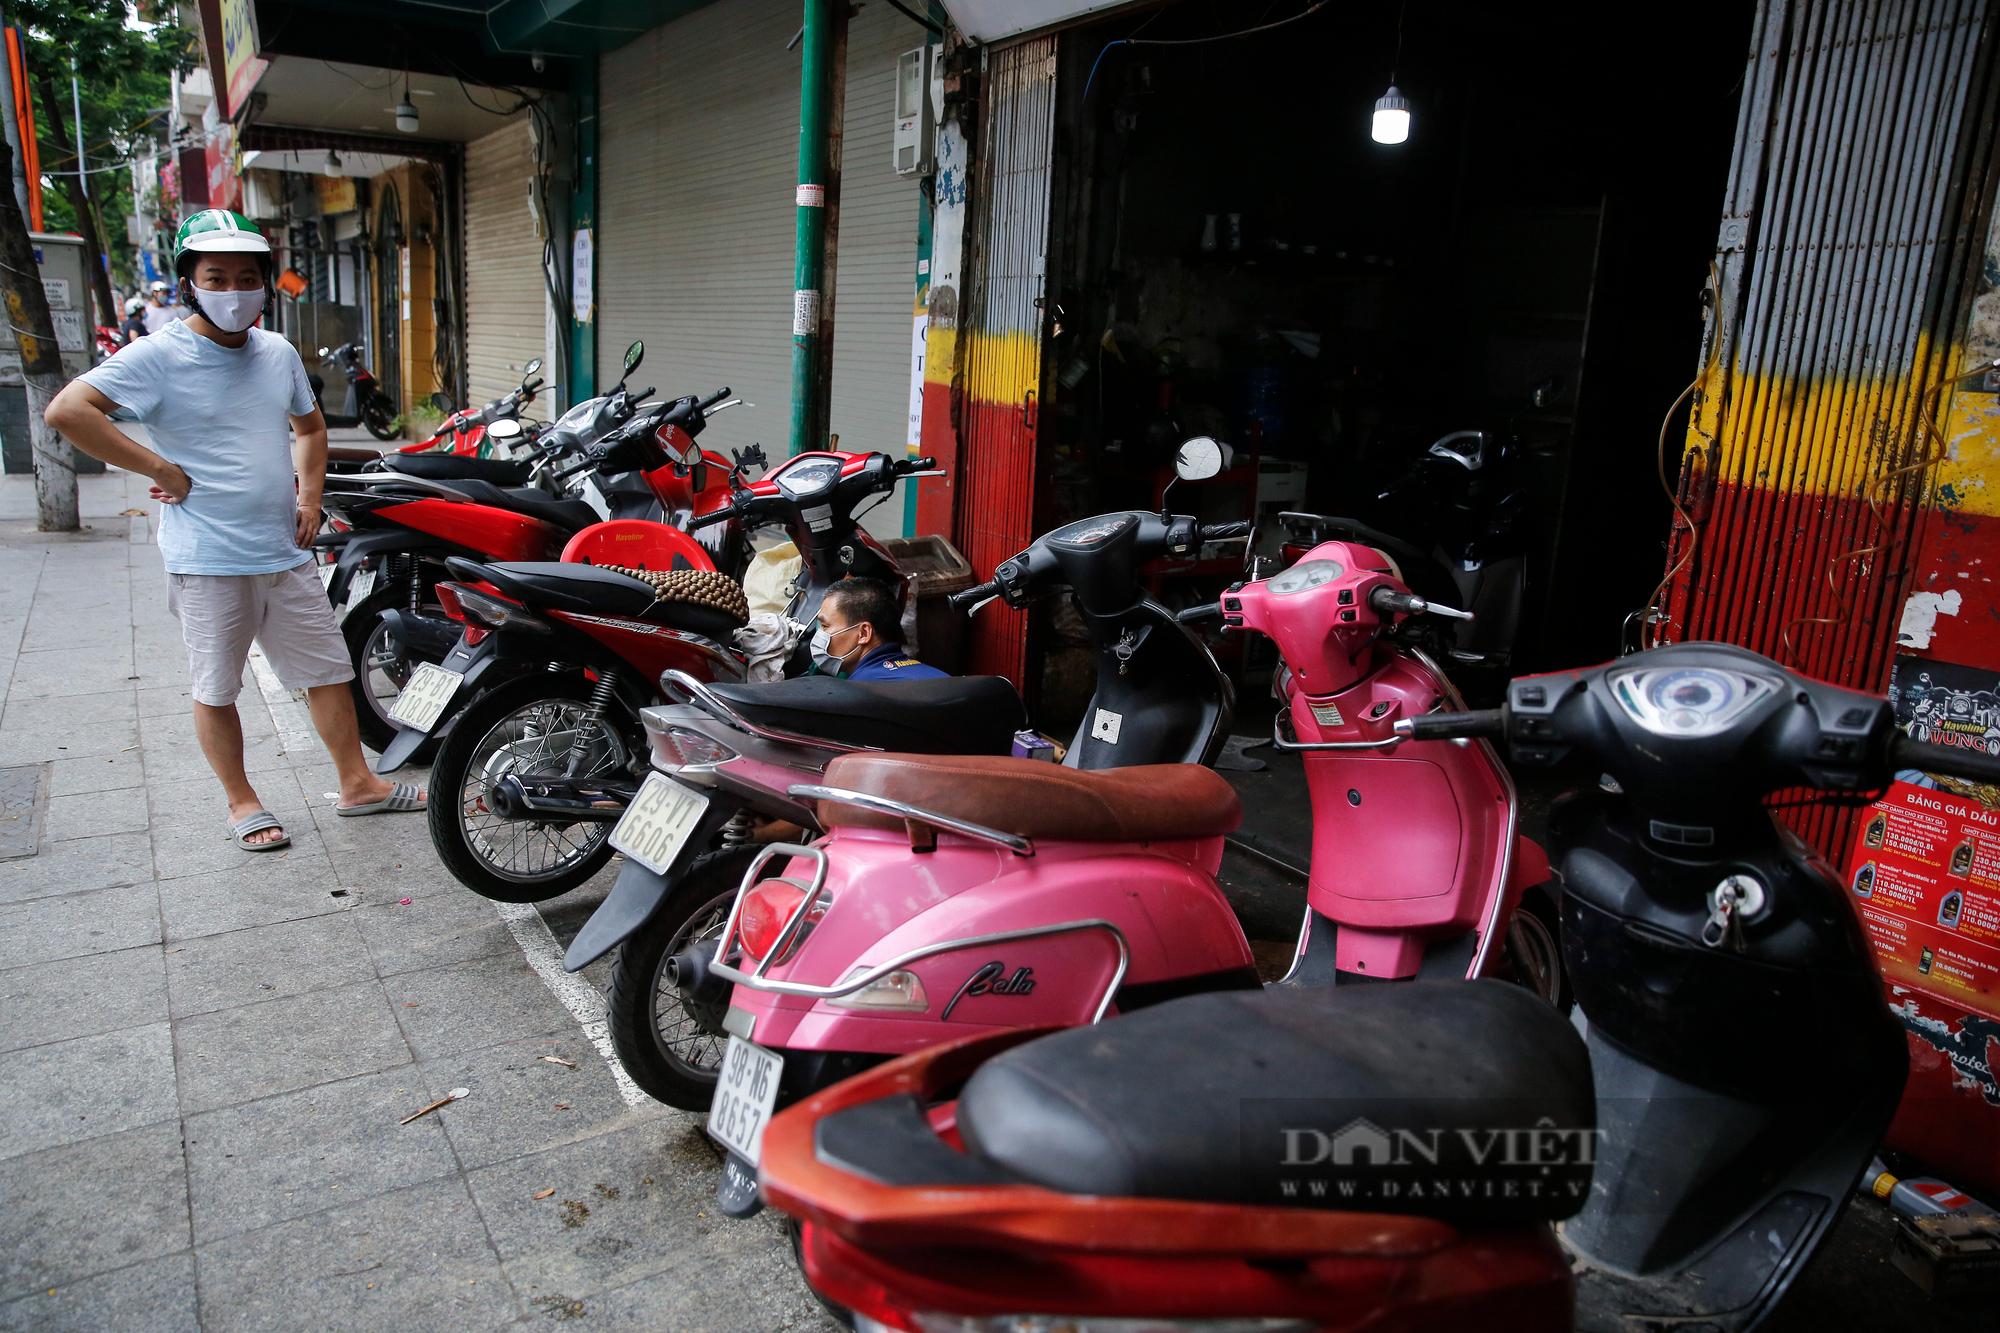 Hà Nội: Mang xe máy đi sửa, khách hàng phải chờ từ sáng đến chiều tối mới có thể nhận được xe - Ảnh 8.